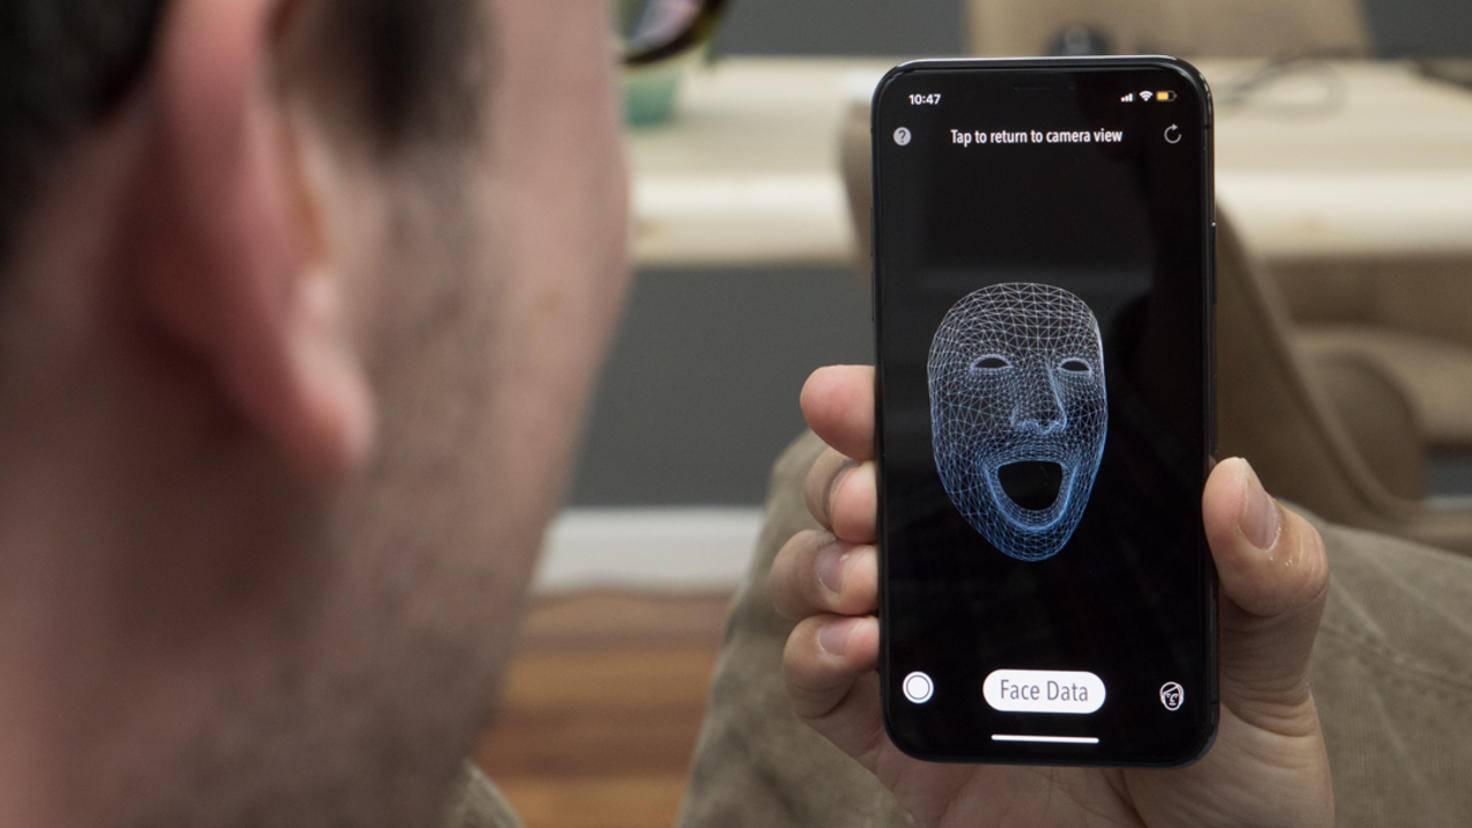 Das iPhone XS setzt auf Face ID zum Entsperren.